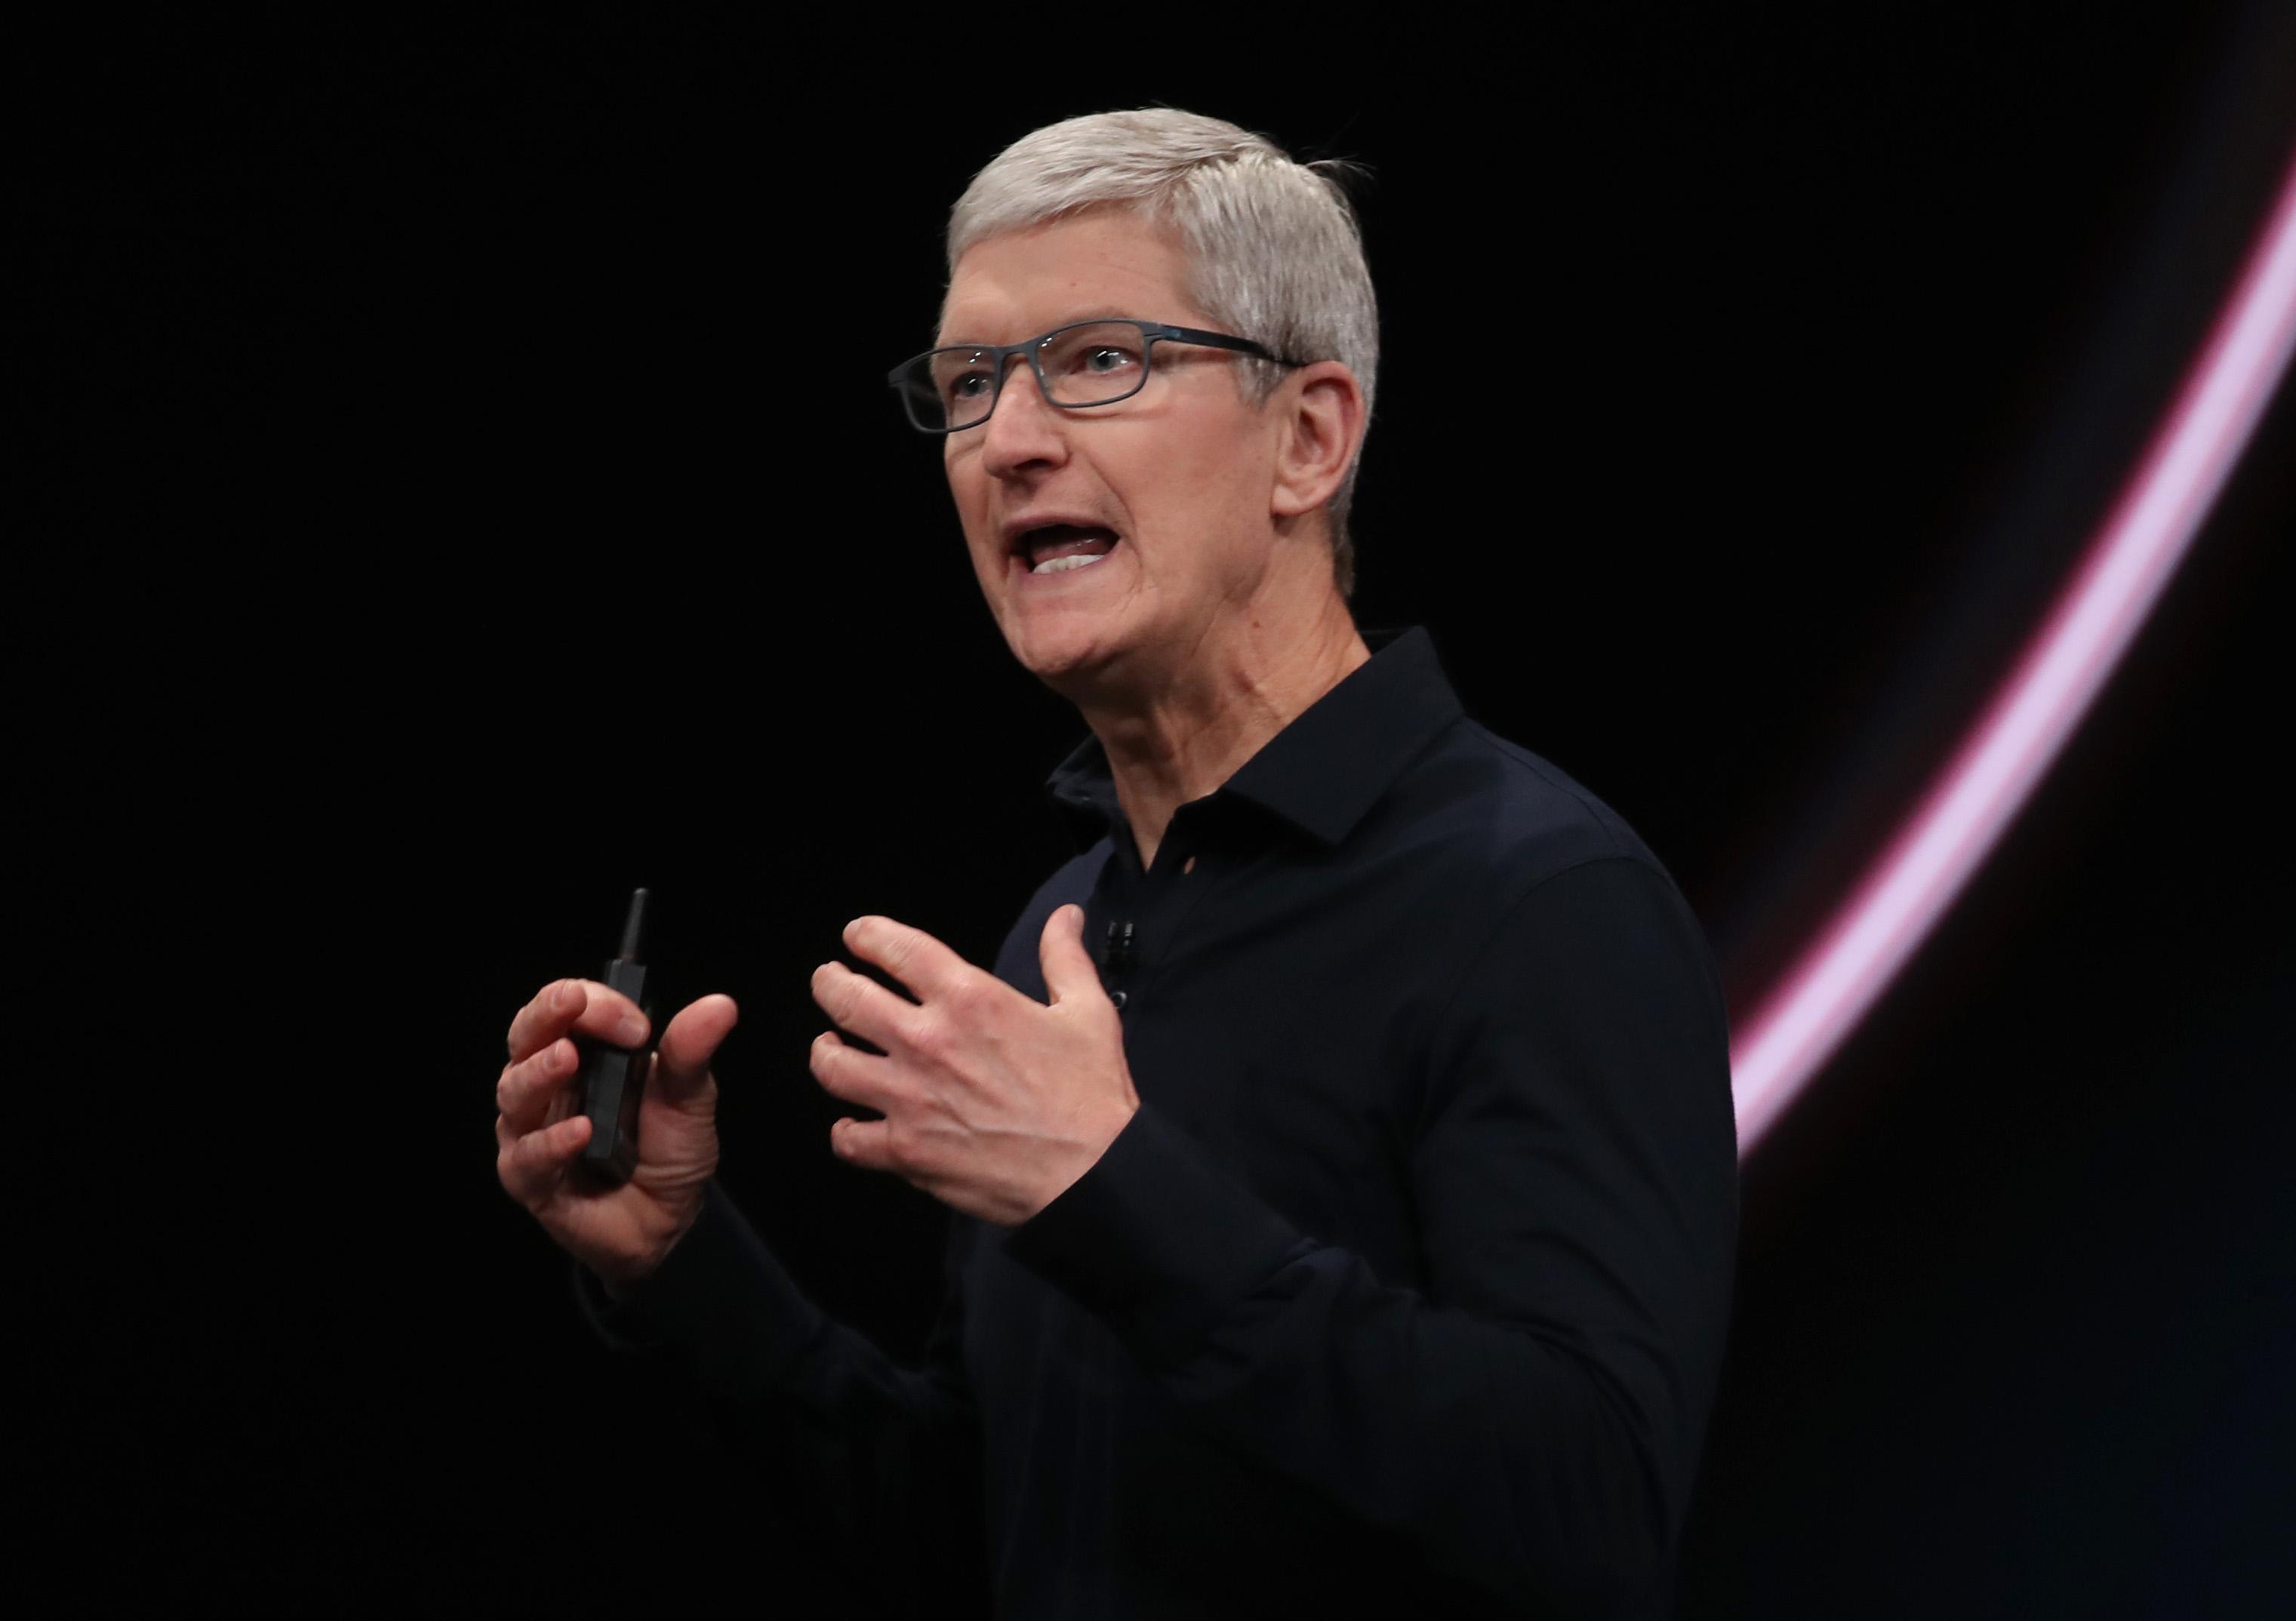 iOS 15 WWDC